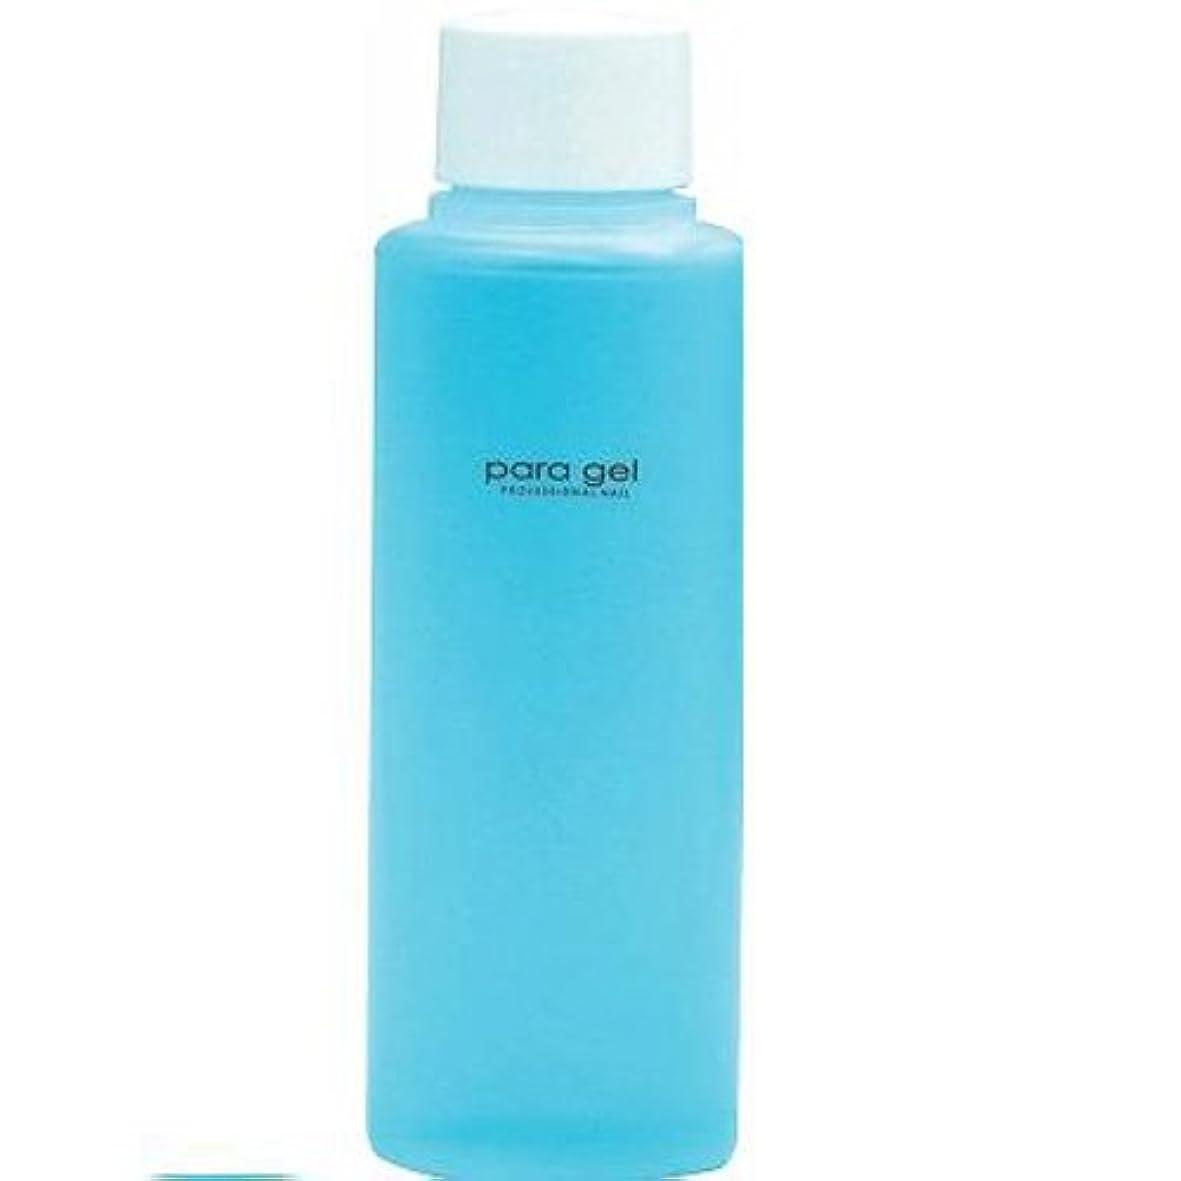 原因コンサルタントドルパラジェル(para gel) パラプレップ 120ml